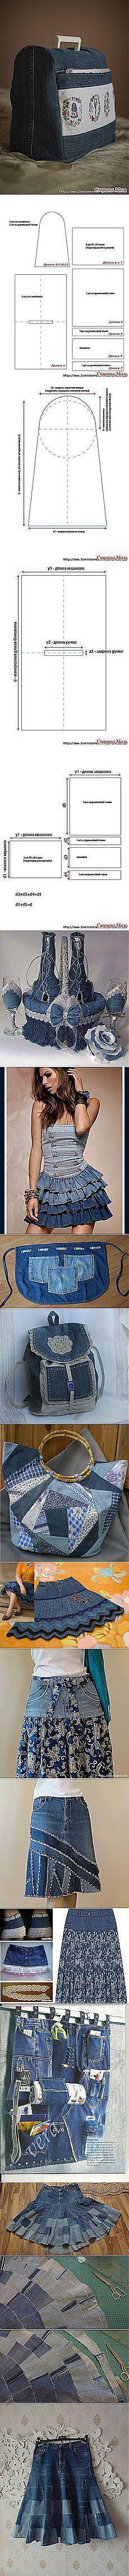 Поиск на Постиле: из старых джинсов                                                                                                                                                      More